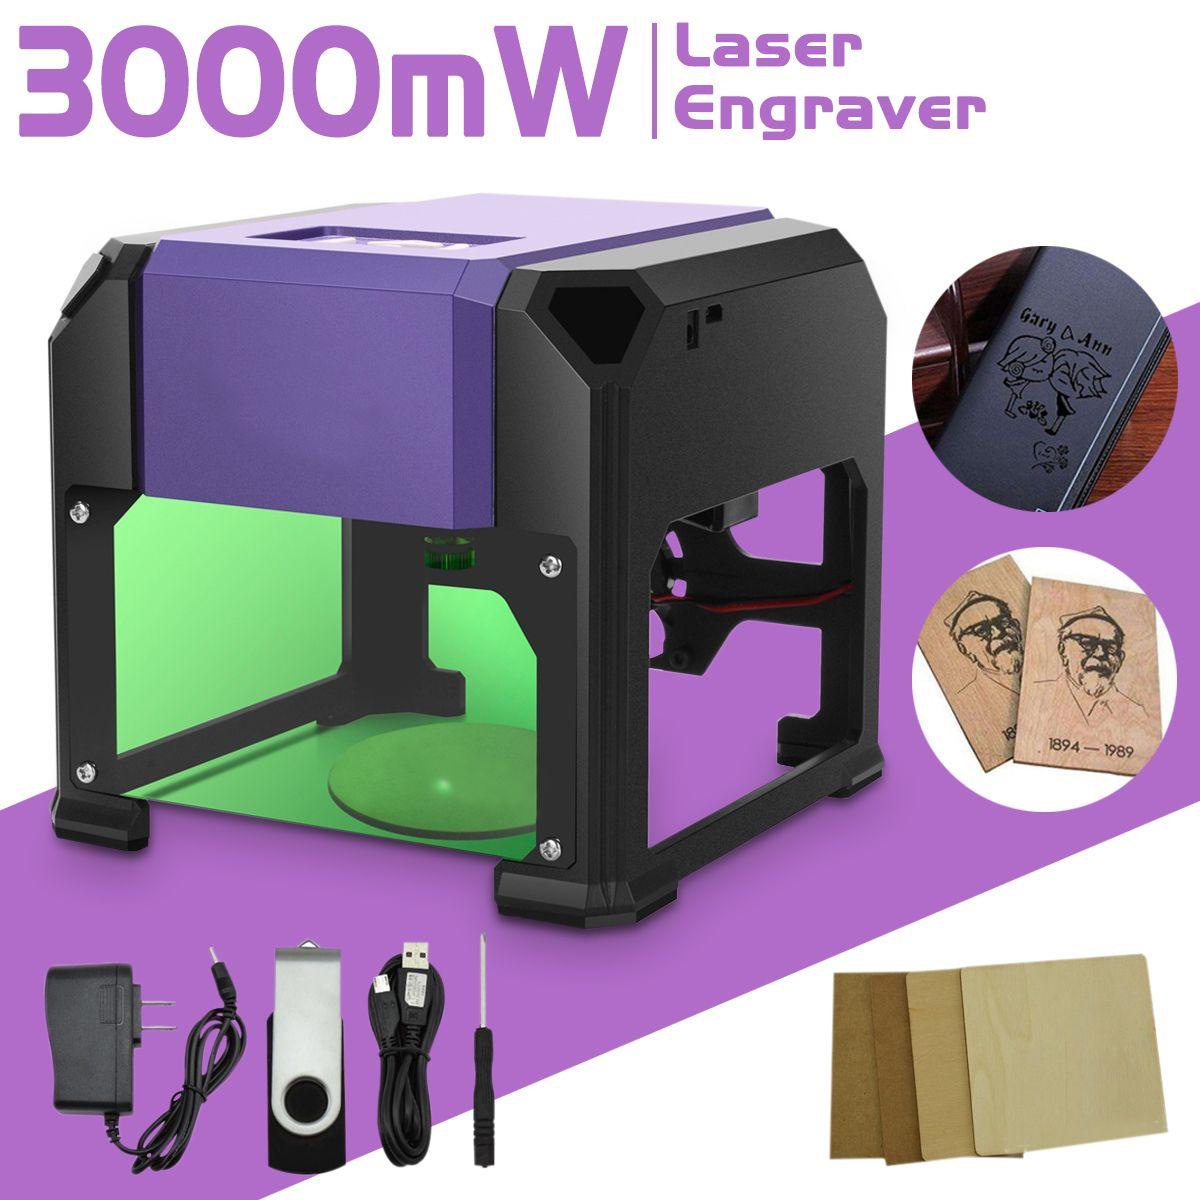 3000mW USB Desktop Laser Engraver Machine DIY Logo Mark Printer Cutter CNC Laser Carving Machine 80x80mm Engraving Range